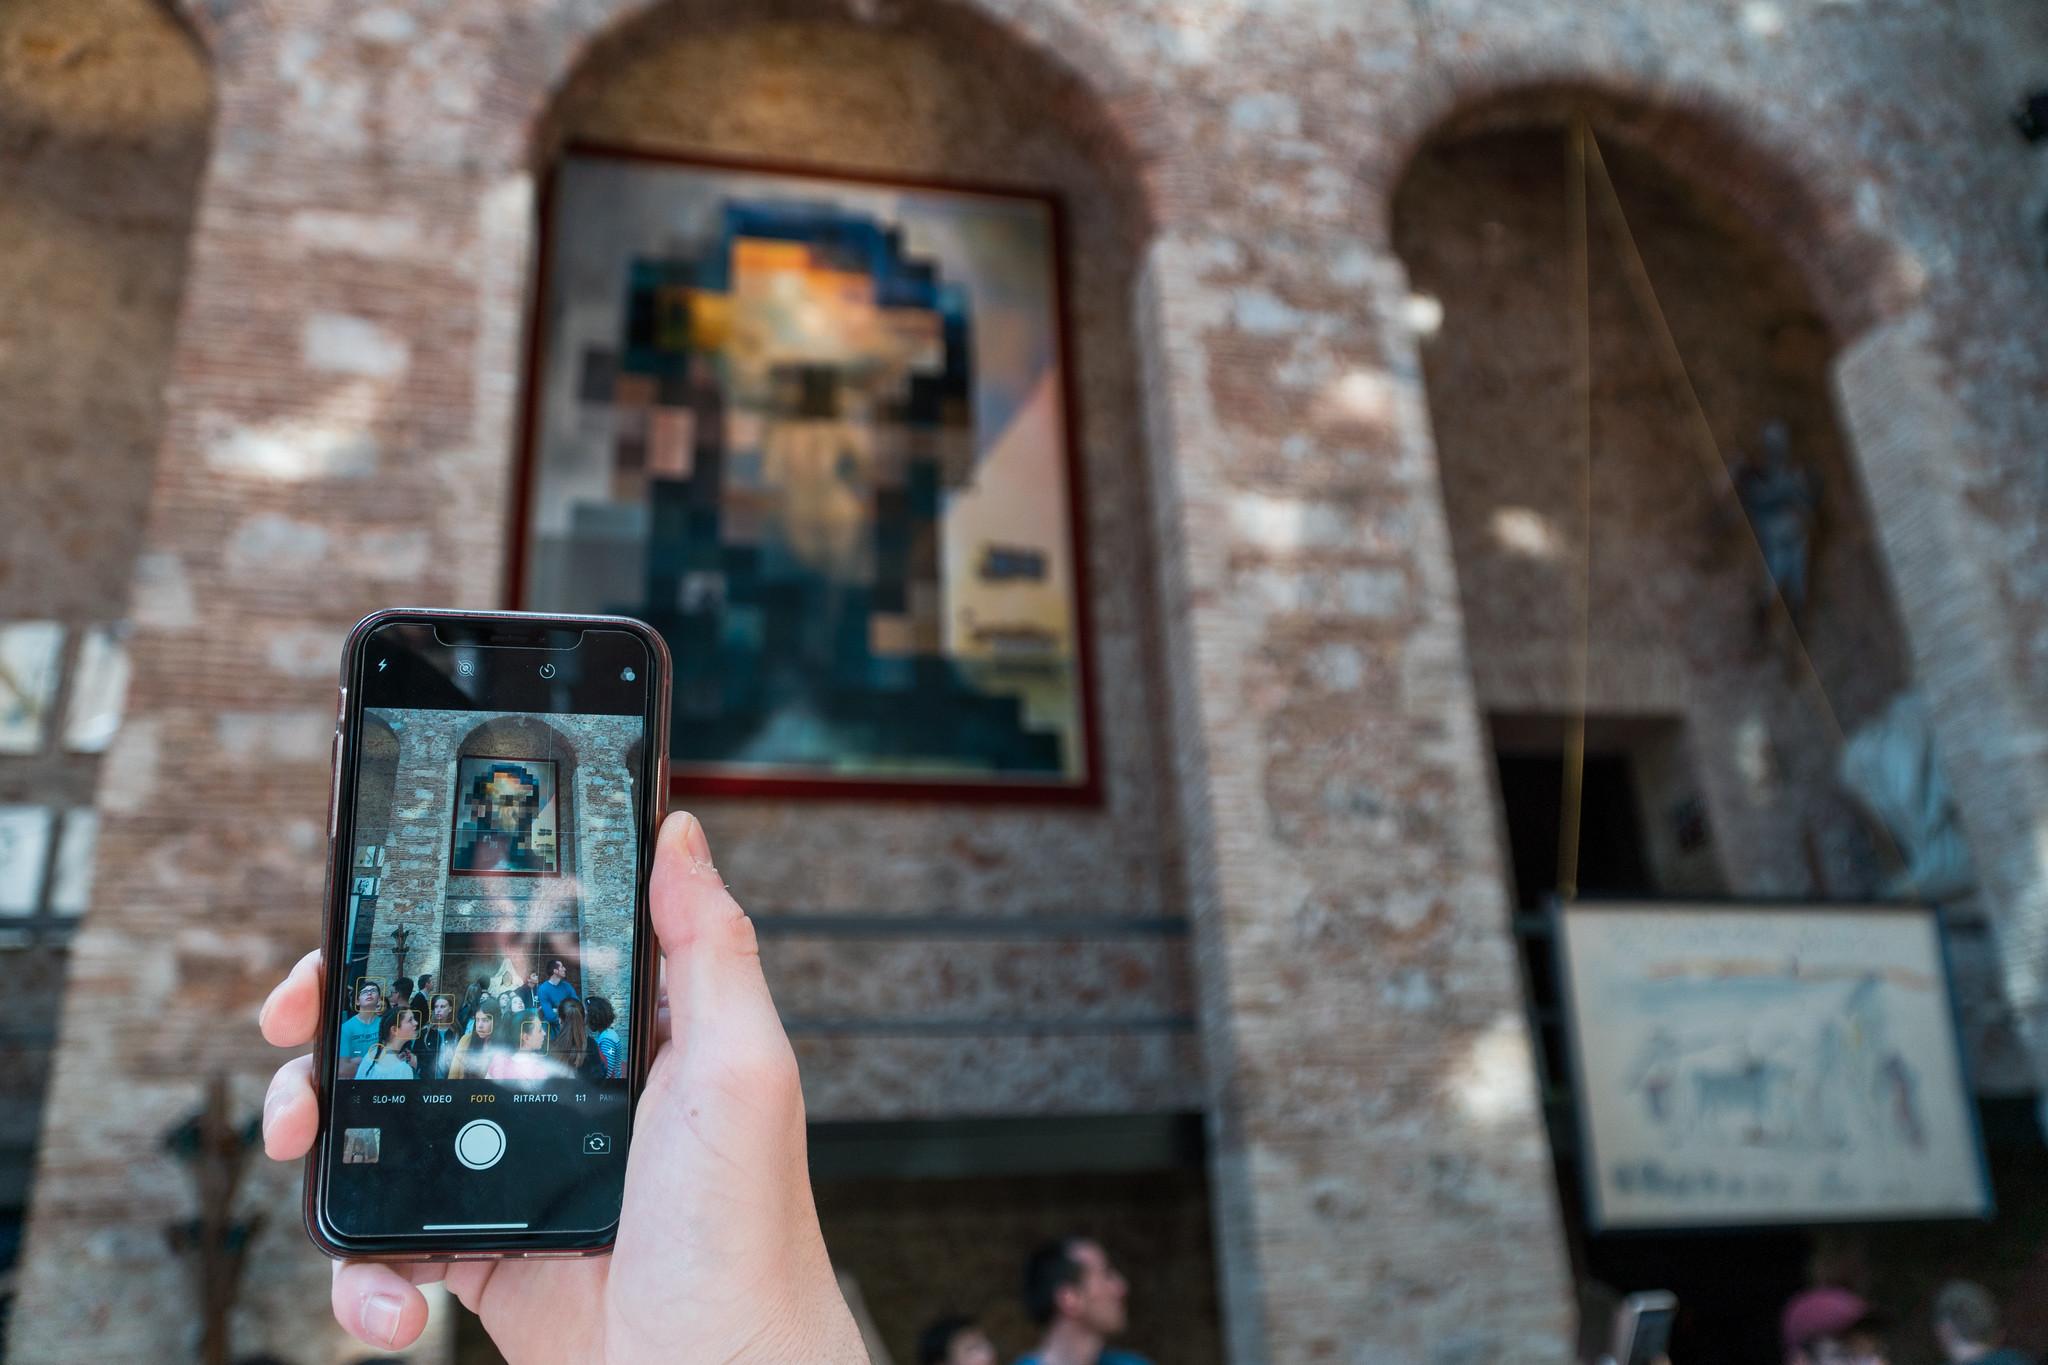 un telefono inquadra un dipinto di un apparente volto